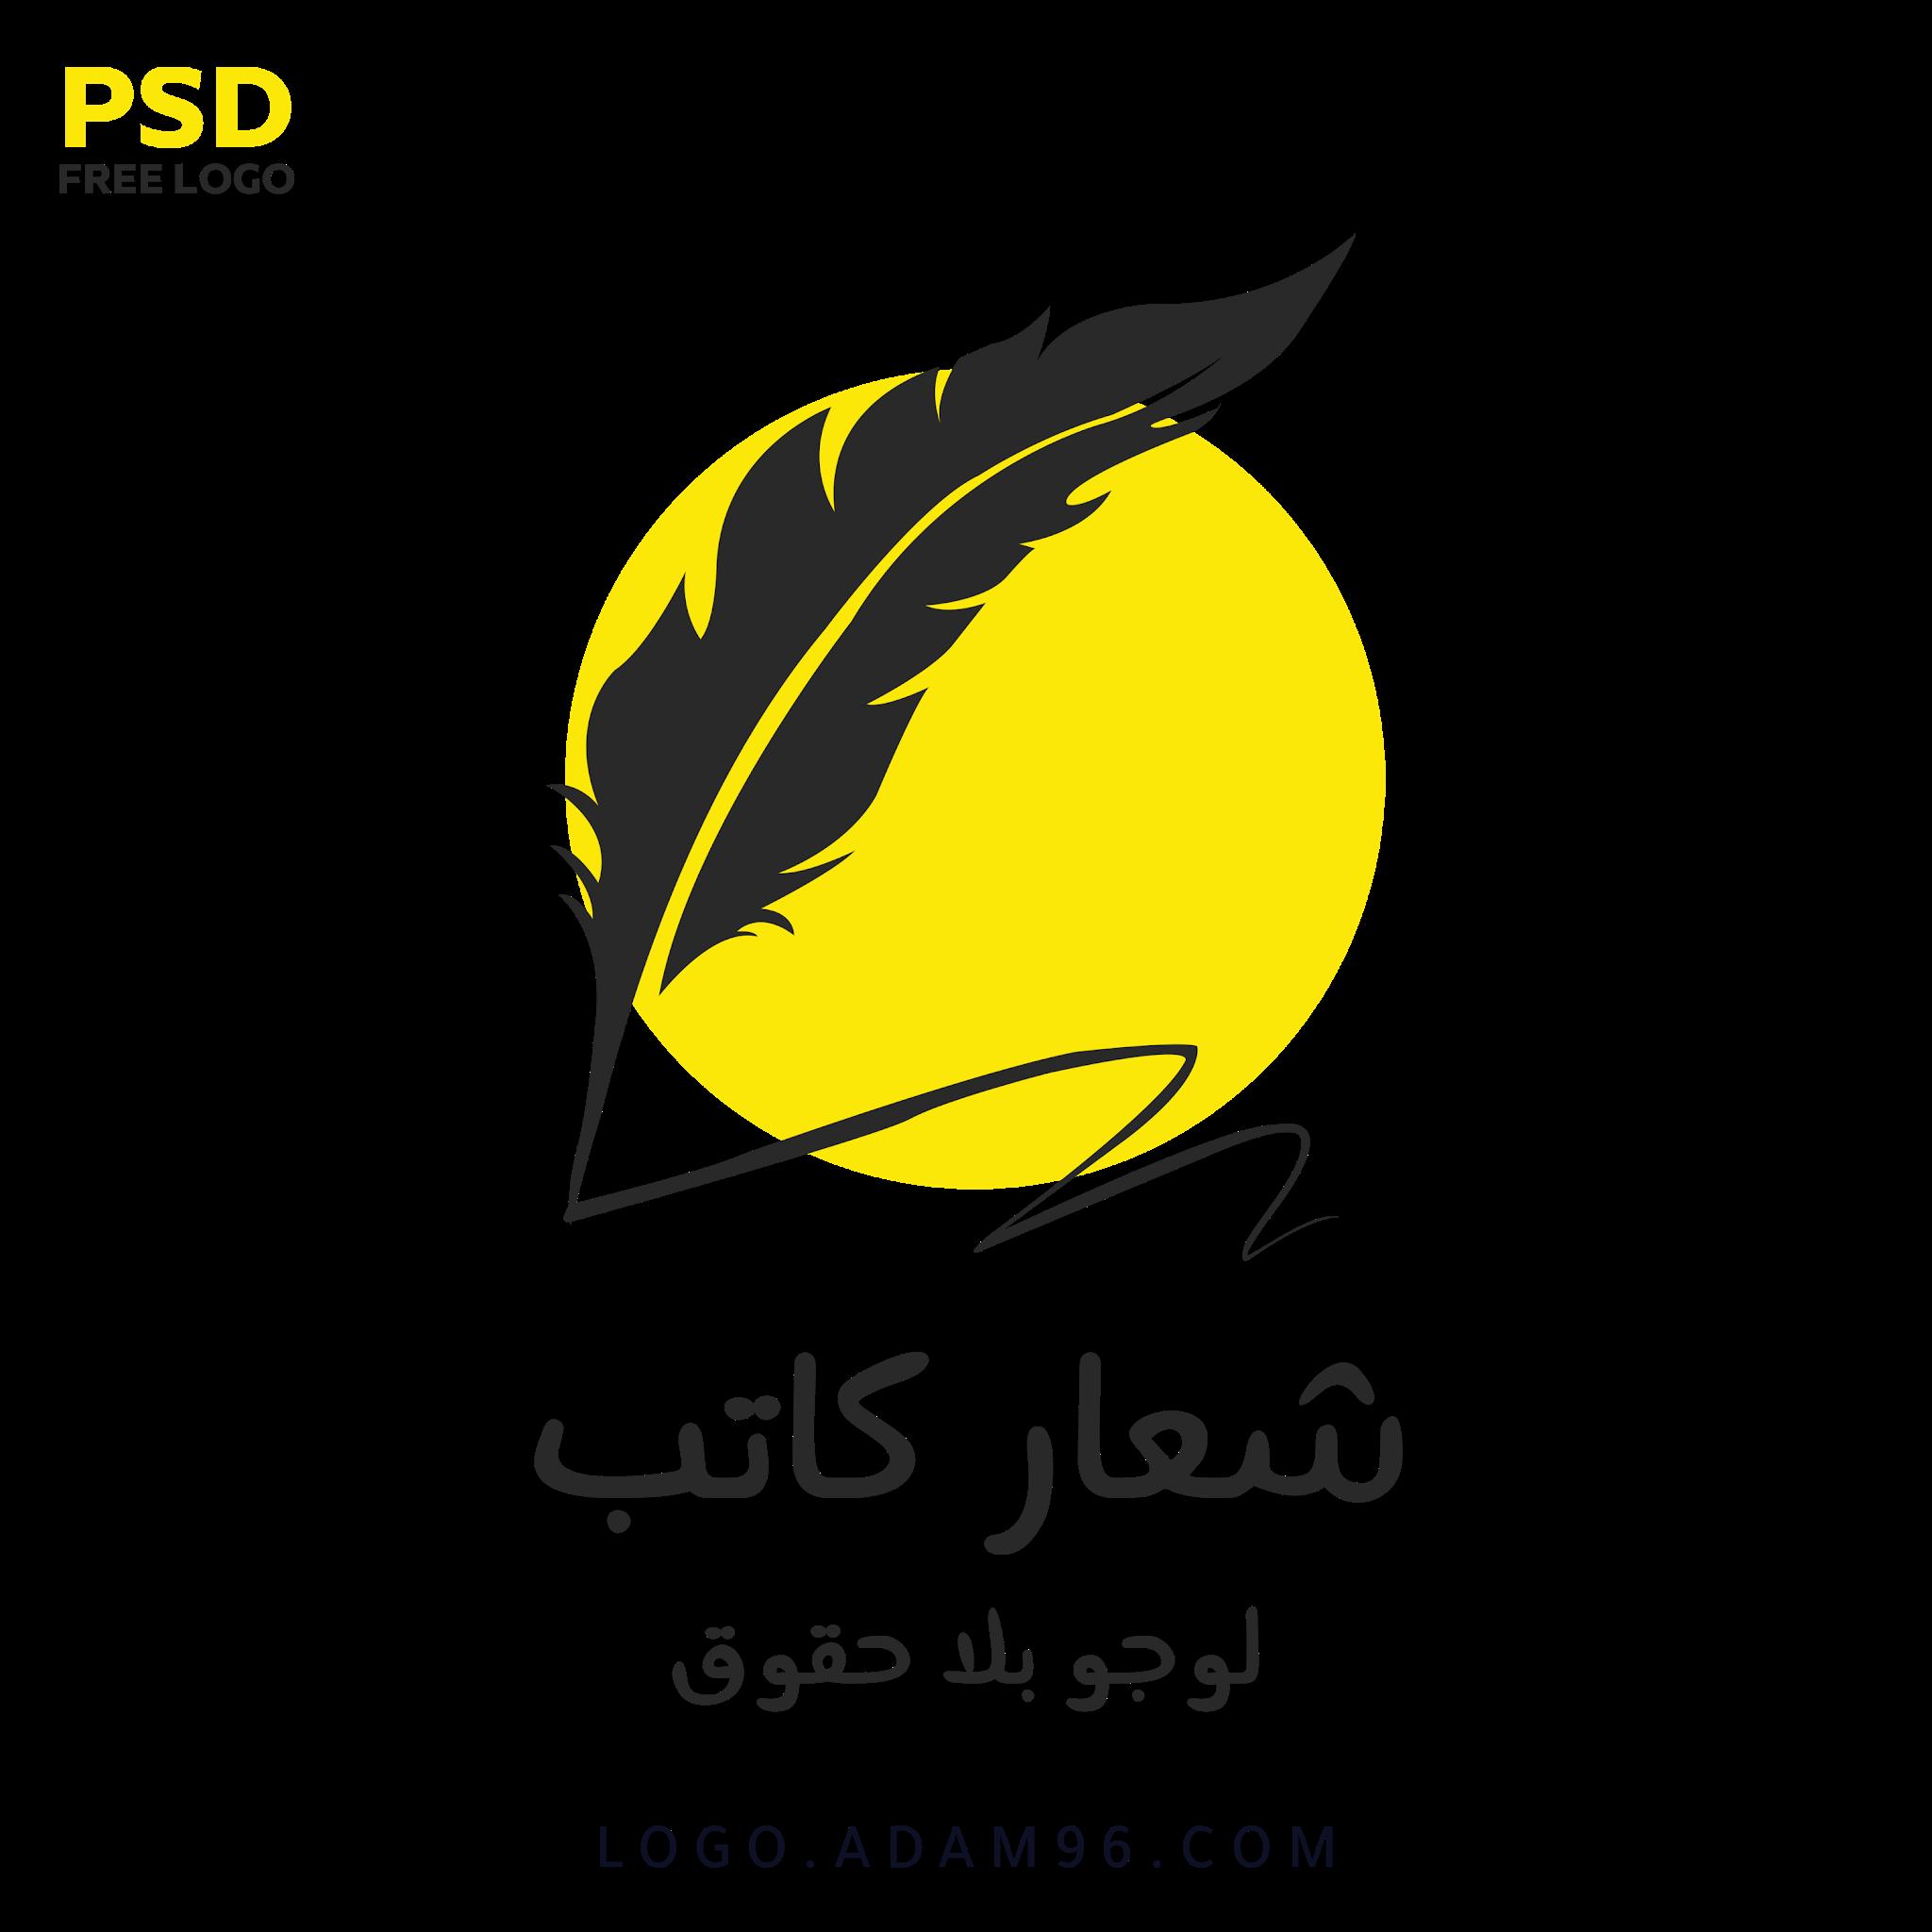 تحميل شعار كاتب او شاعر لوجو احترافي مجاناً بلا حقوق بصيغة PSD